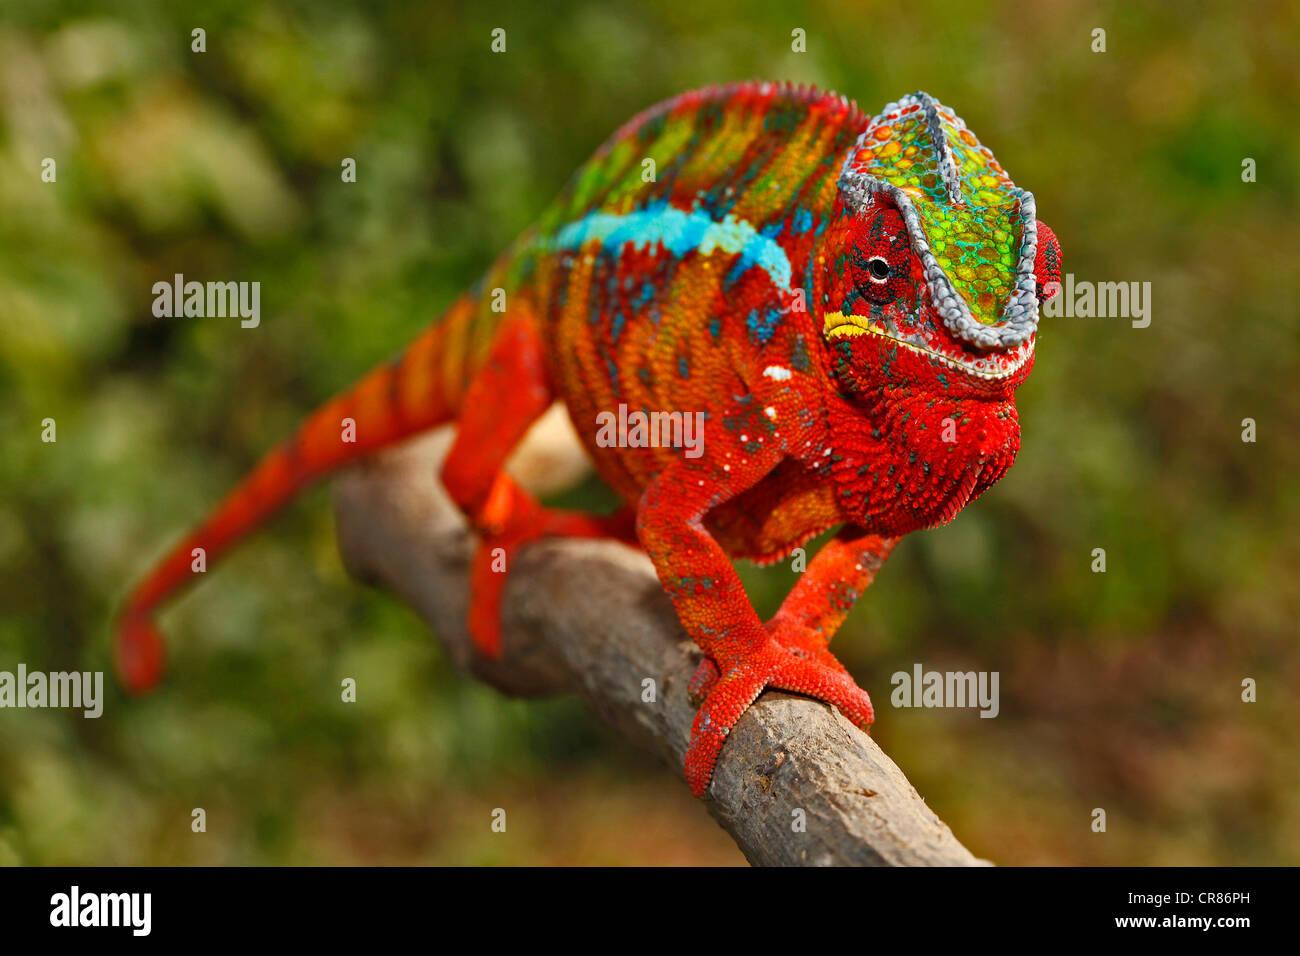 Pantherchamäleon (Furcifer Pardalis), Ambilobe-Ambilorama Farbe Variation, Madagaskar, Afrika, Indischer Ozean Stockbild